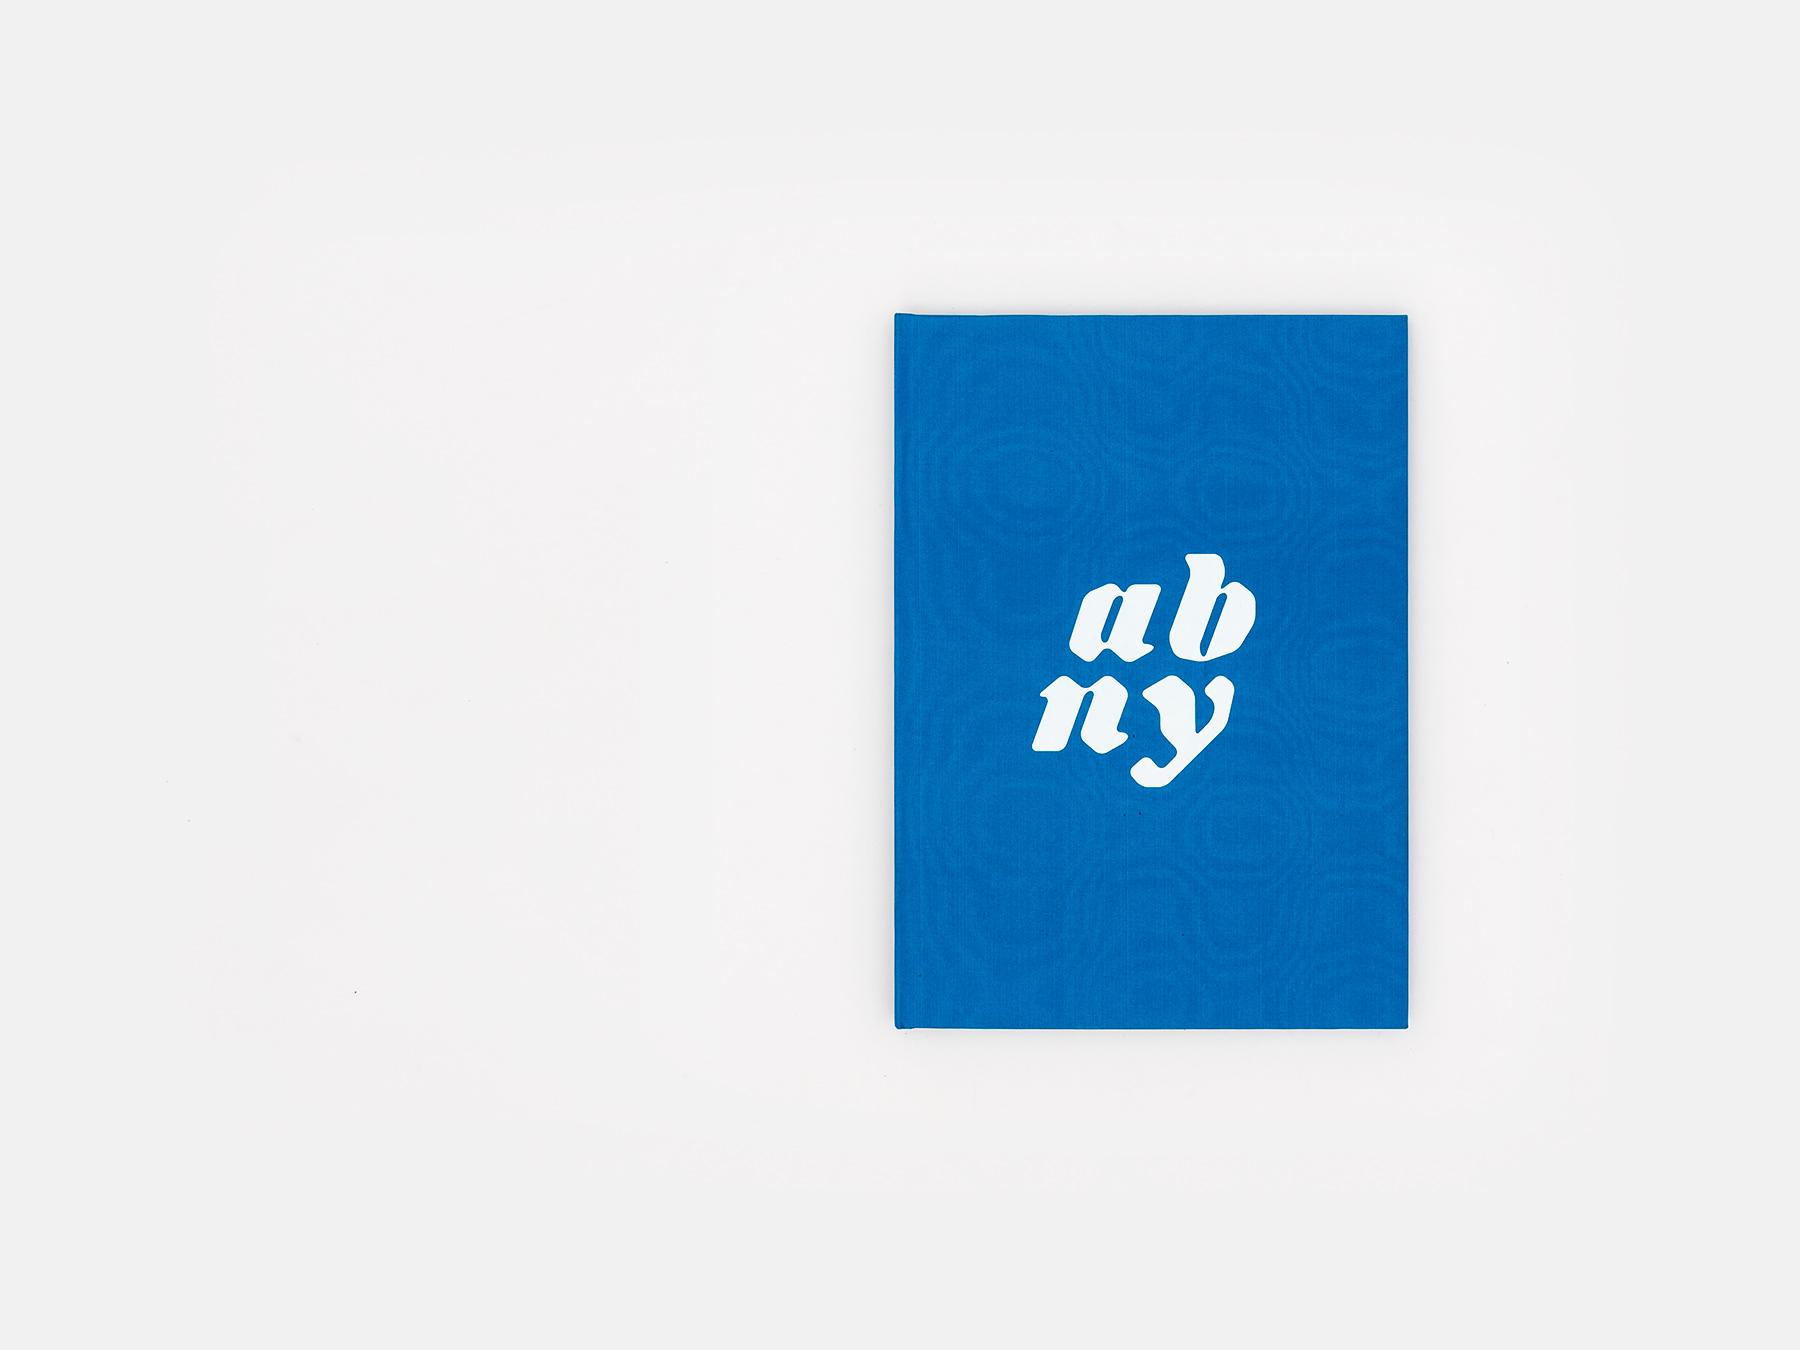 ABNY 01